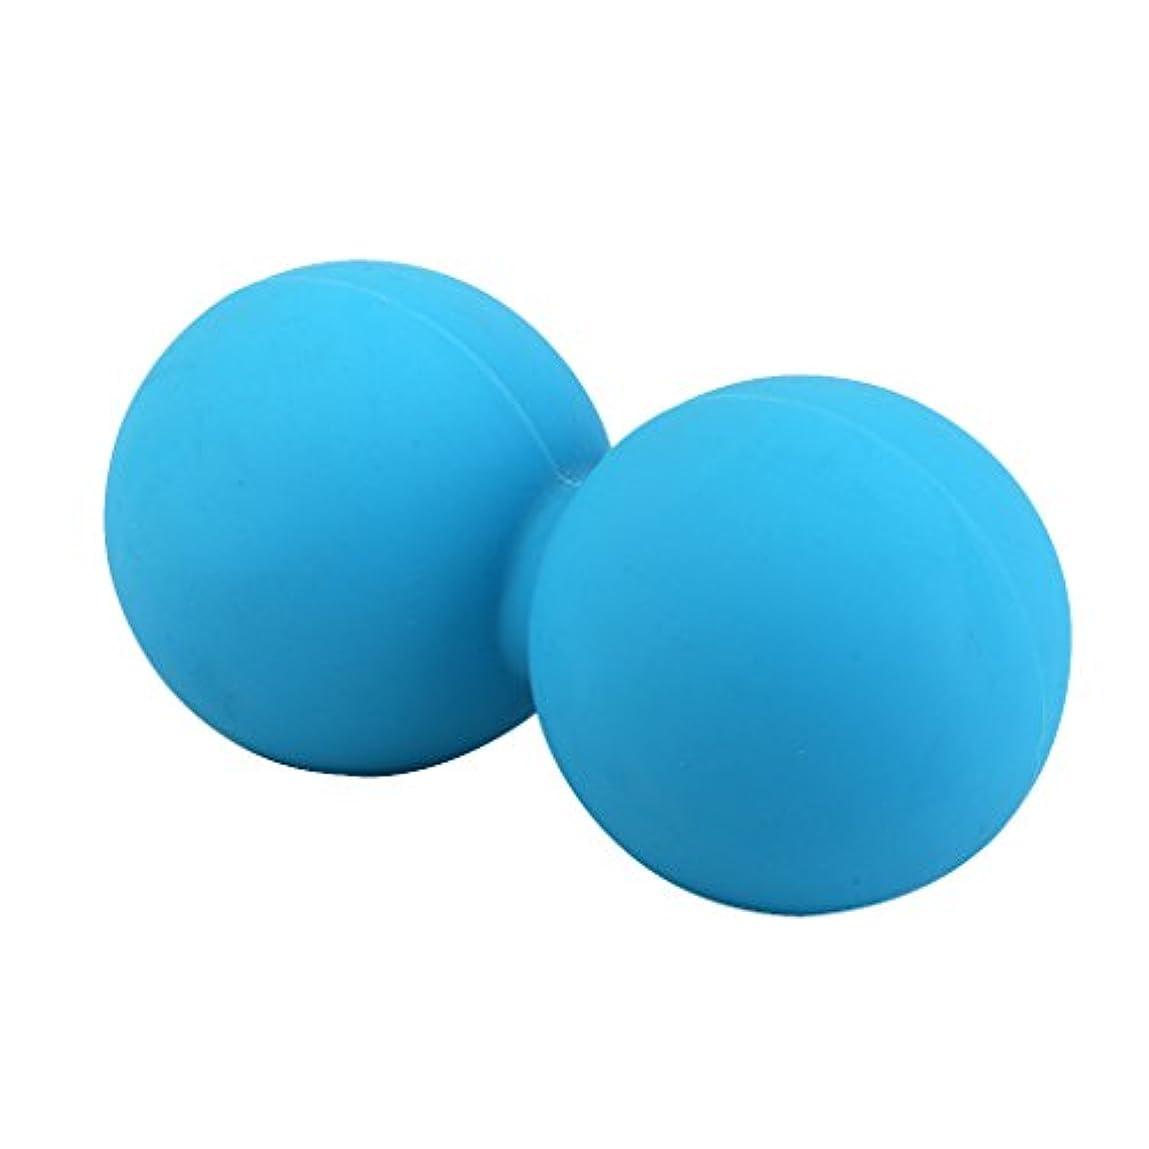 眩惑する信条磁石Footful マッサージボール 健康グッズ 健康器具 血液循環促進 緊張緩和 ブルー 固体